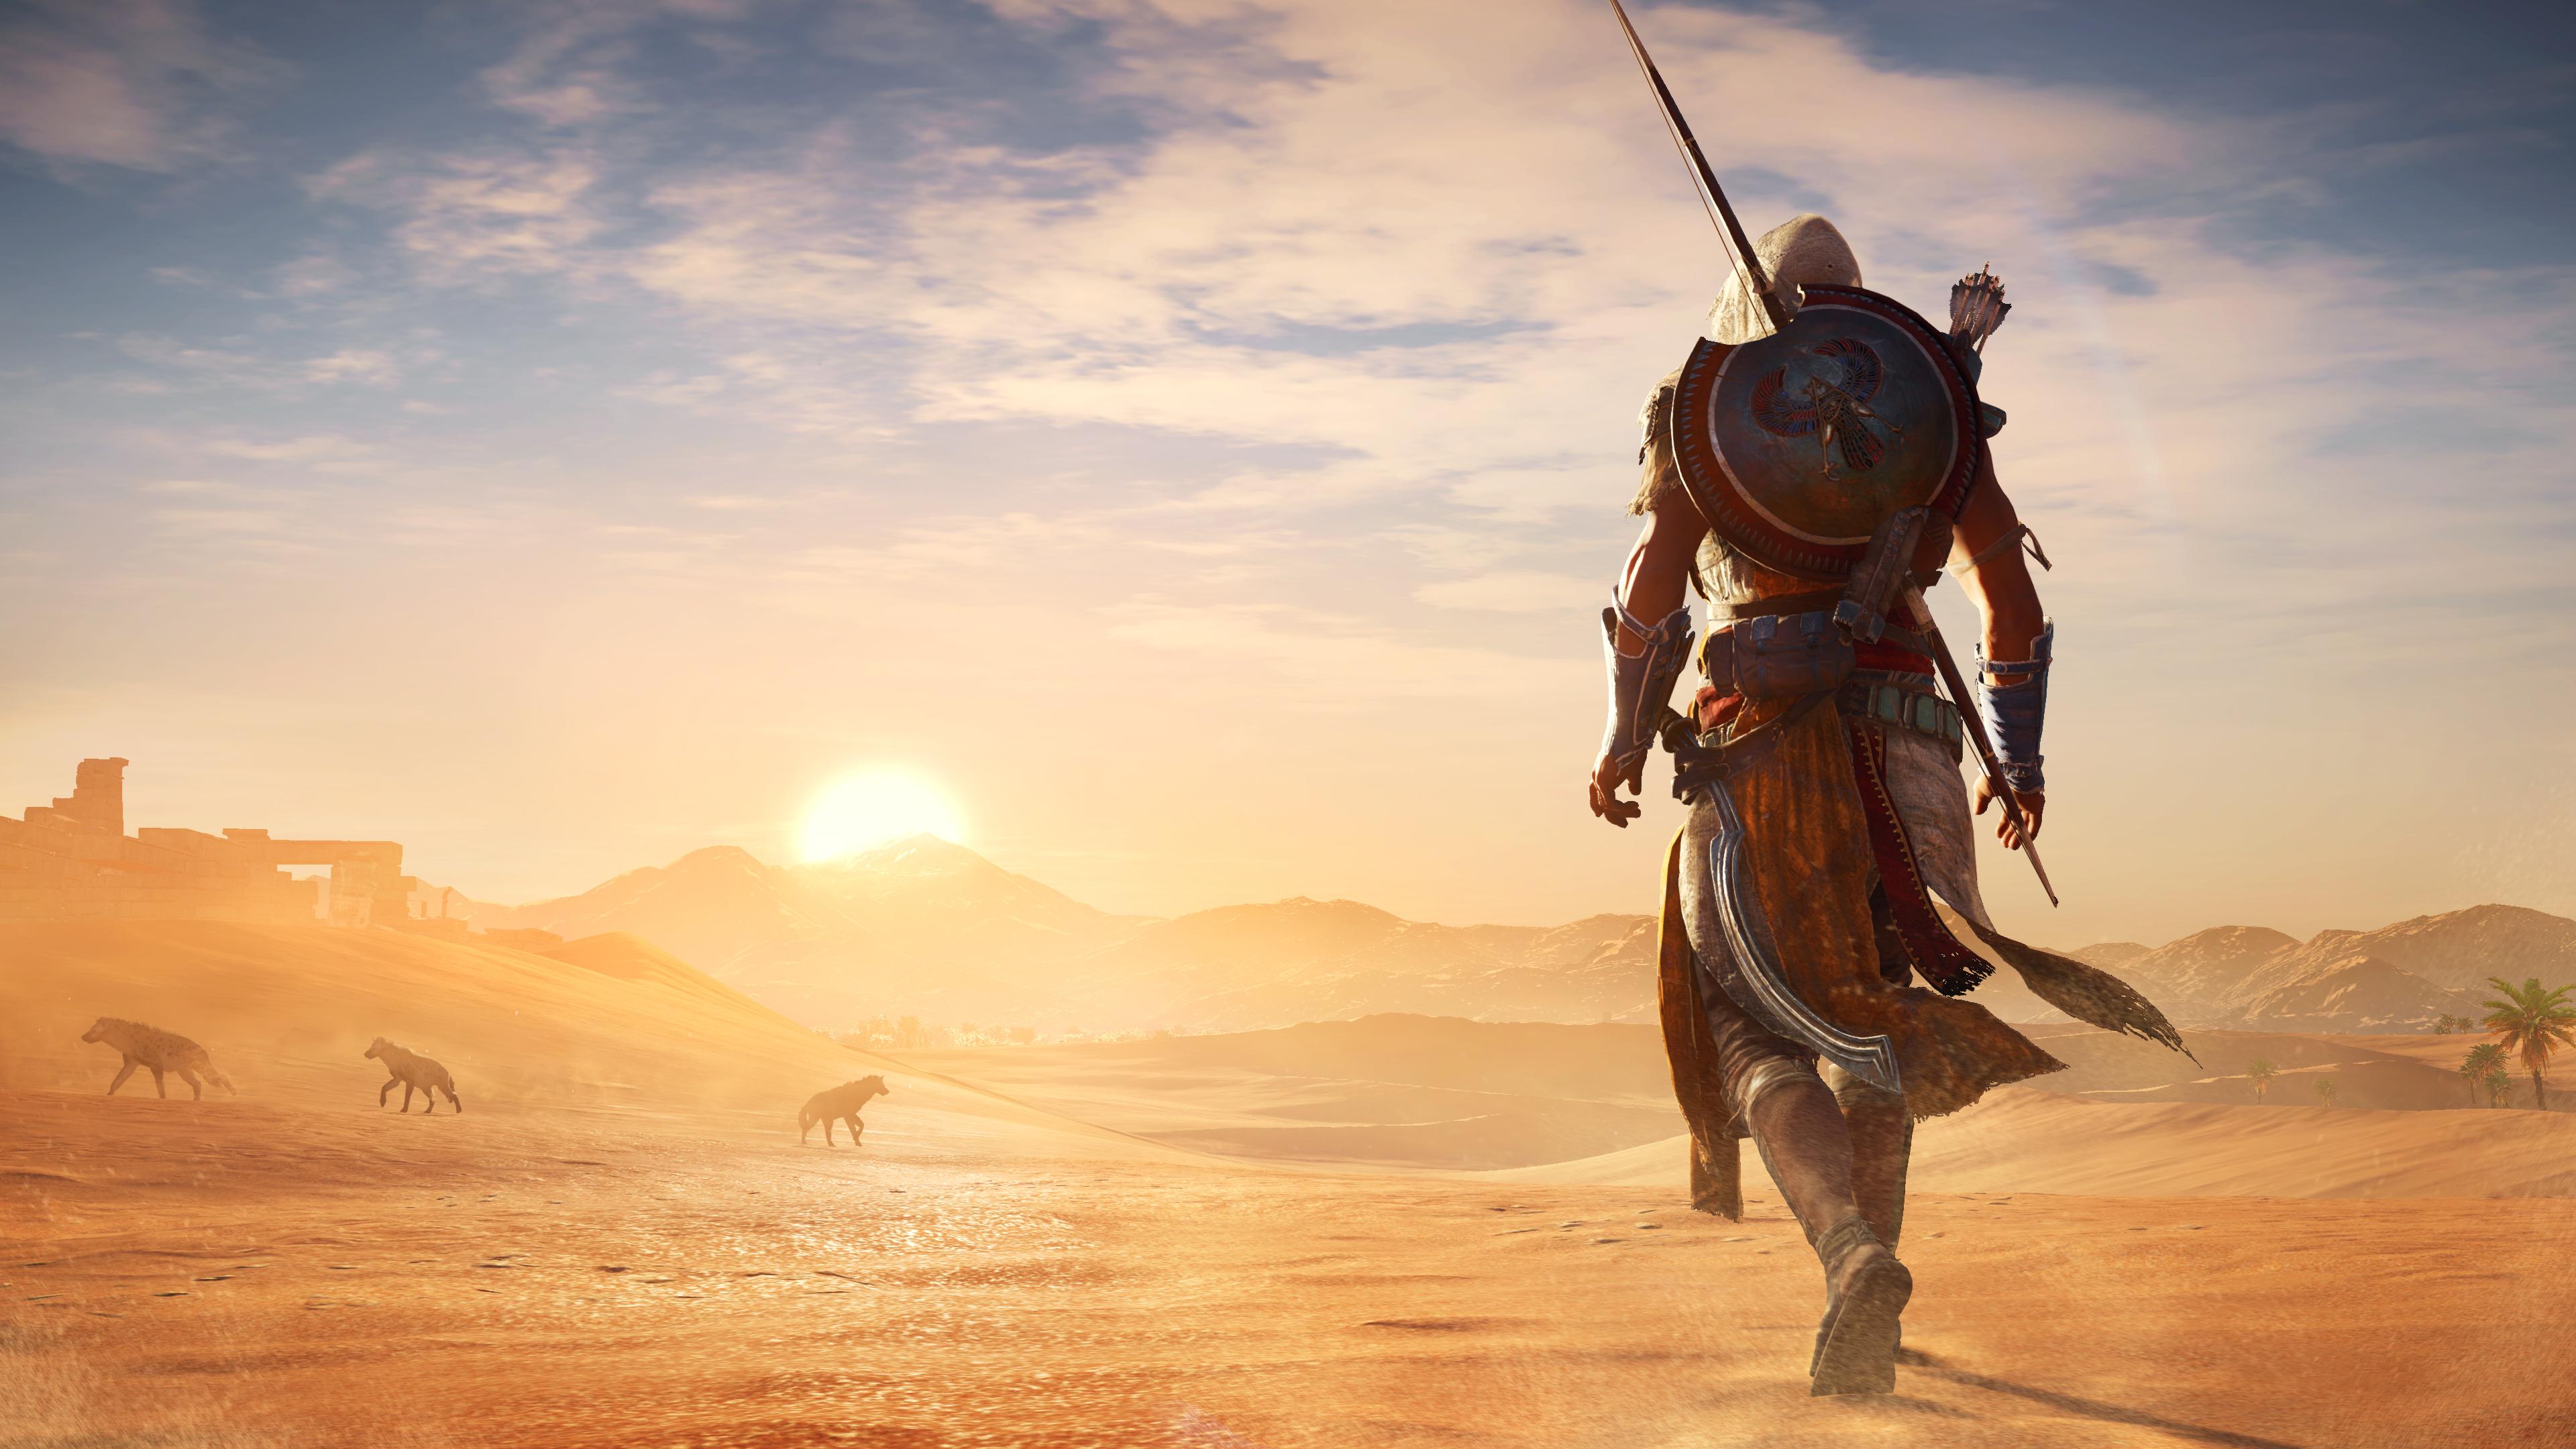 Abubakar Salim in Assassin's Creed: Origins (2017)